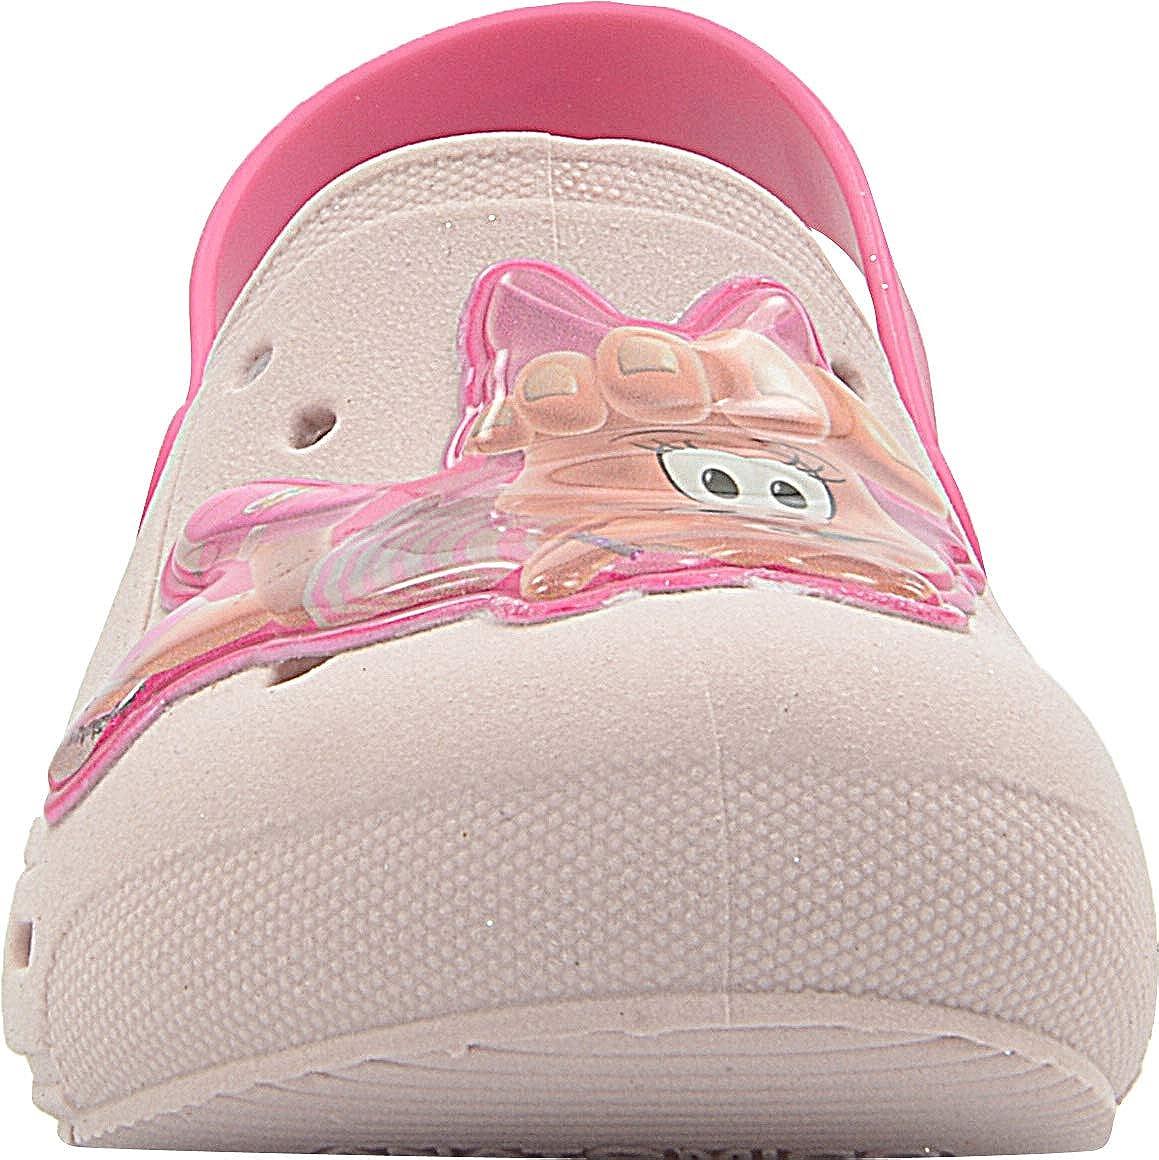 P/é com P/é Girls Clogs Classic Pink